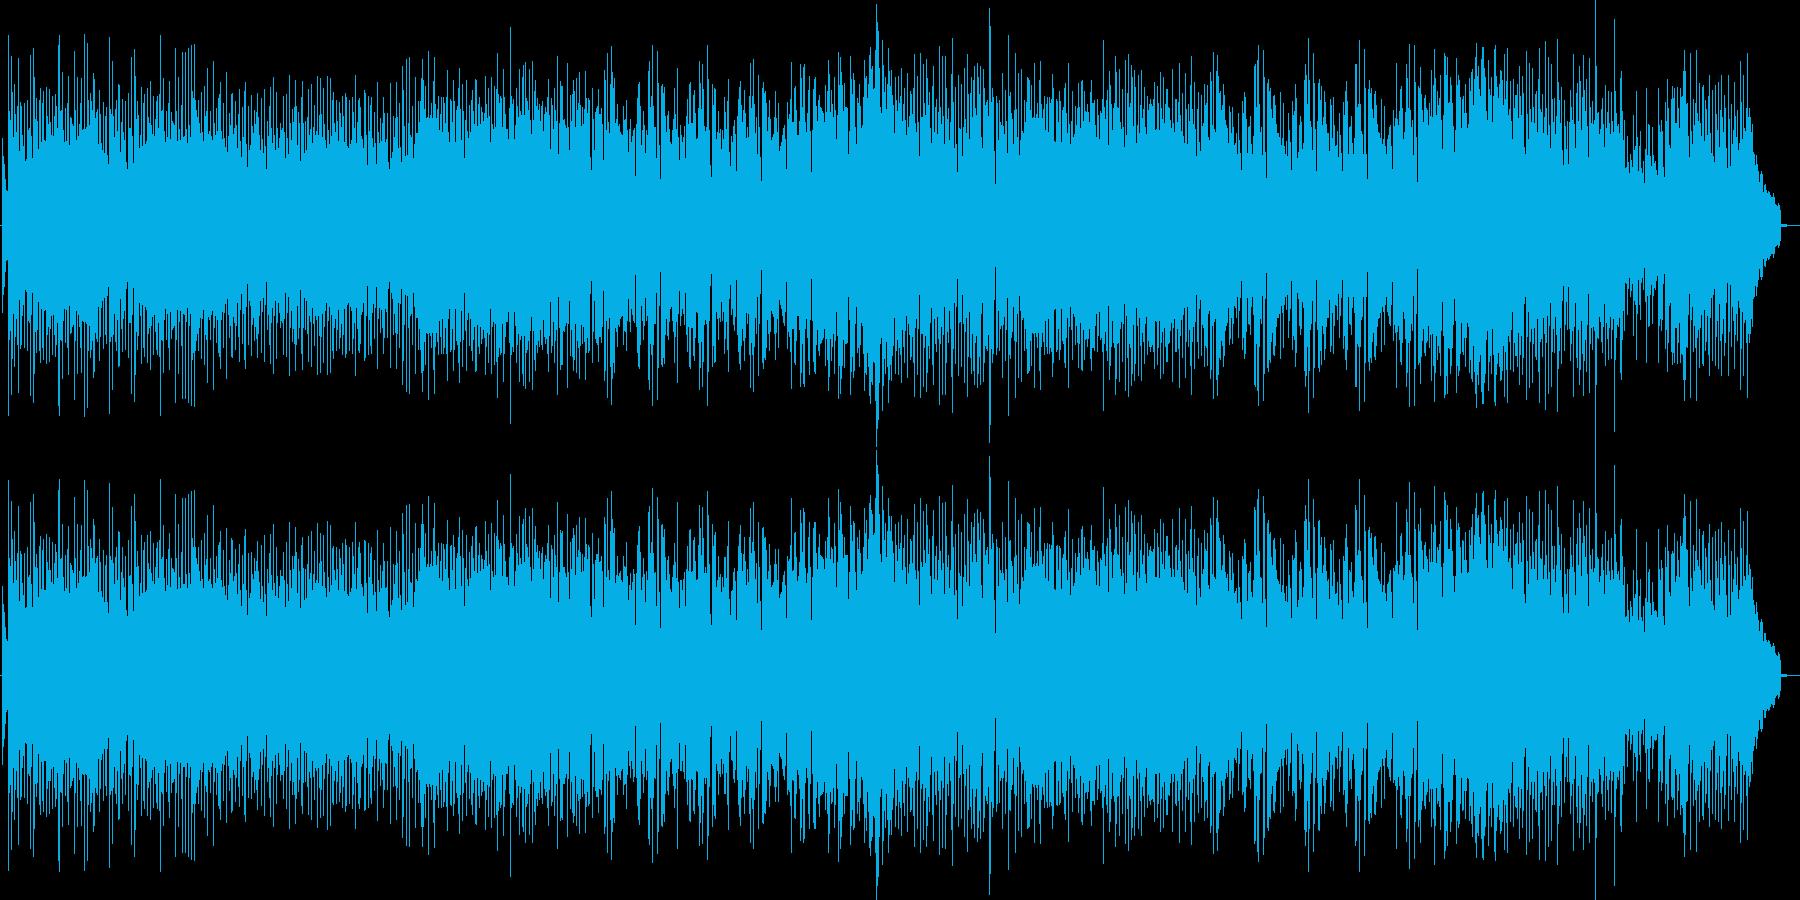 レトロな音色で陽気イメージの再生済みの波形